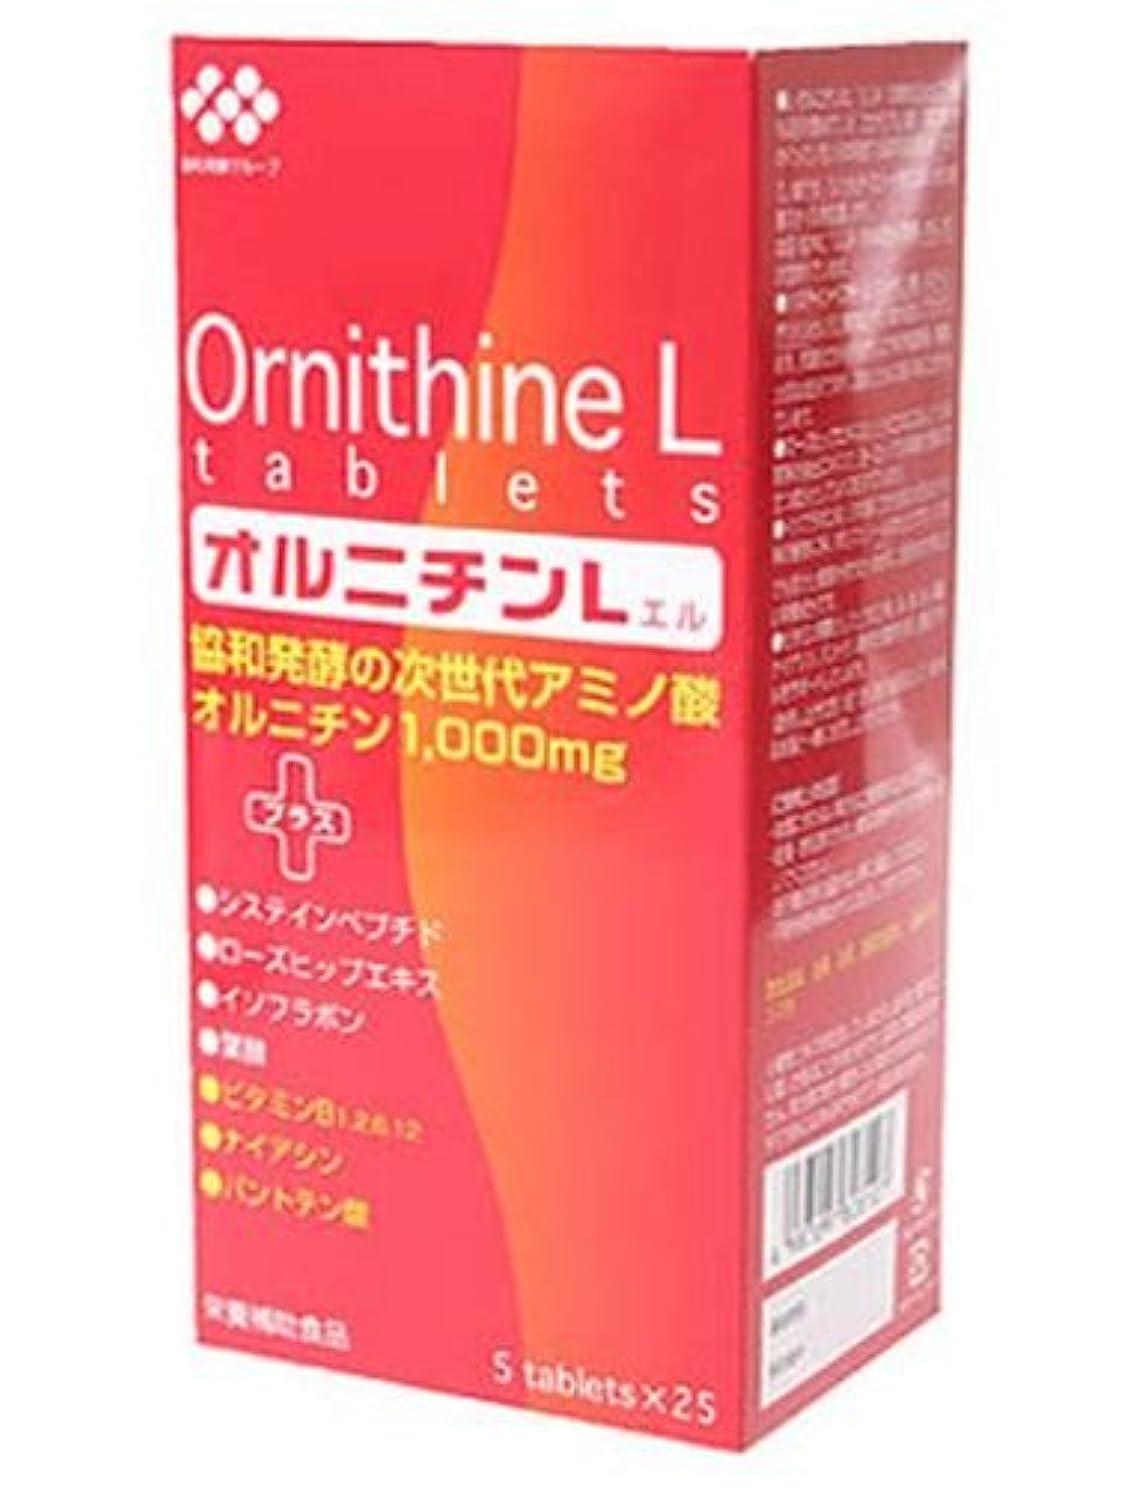 帝国主義風長方形伸和製薬 オルニチンL 5粒×25袋入